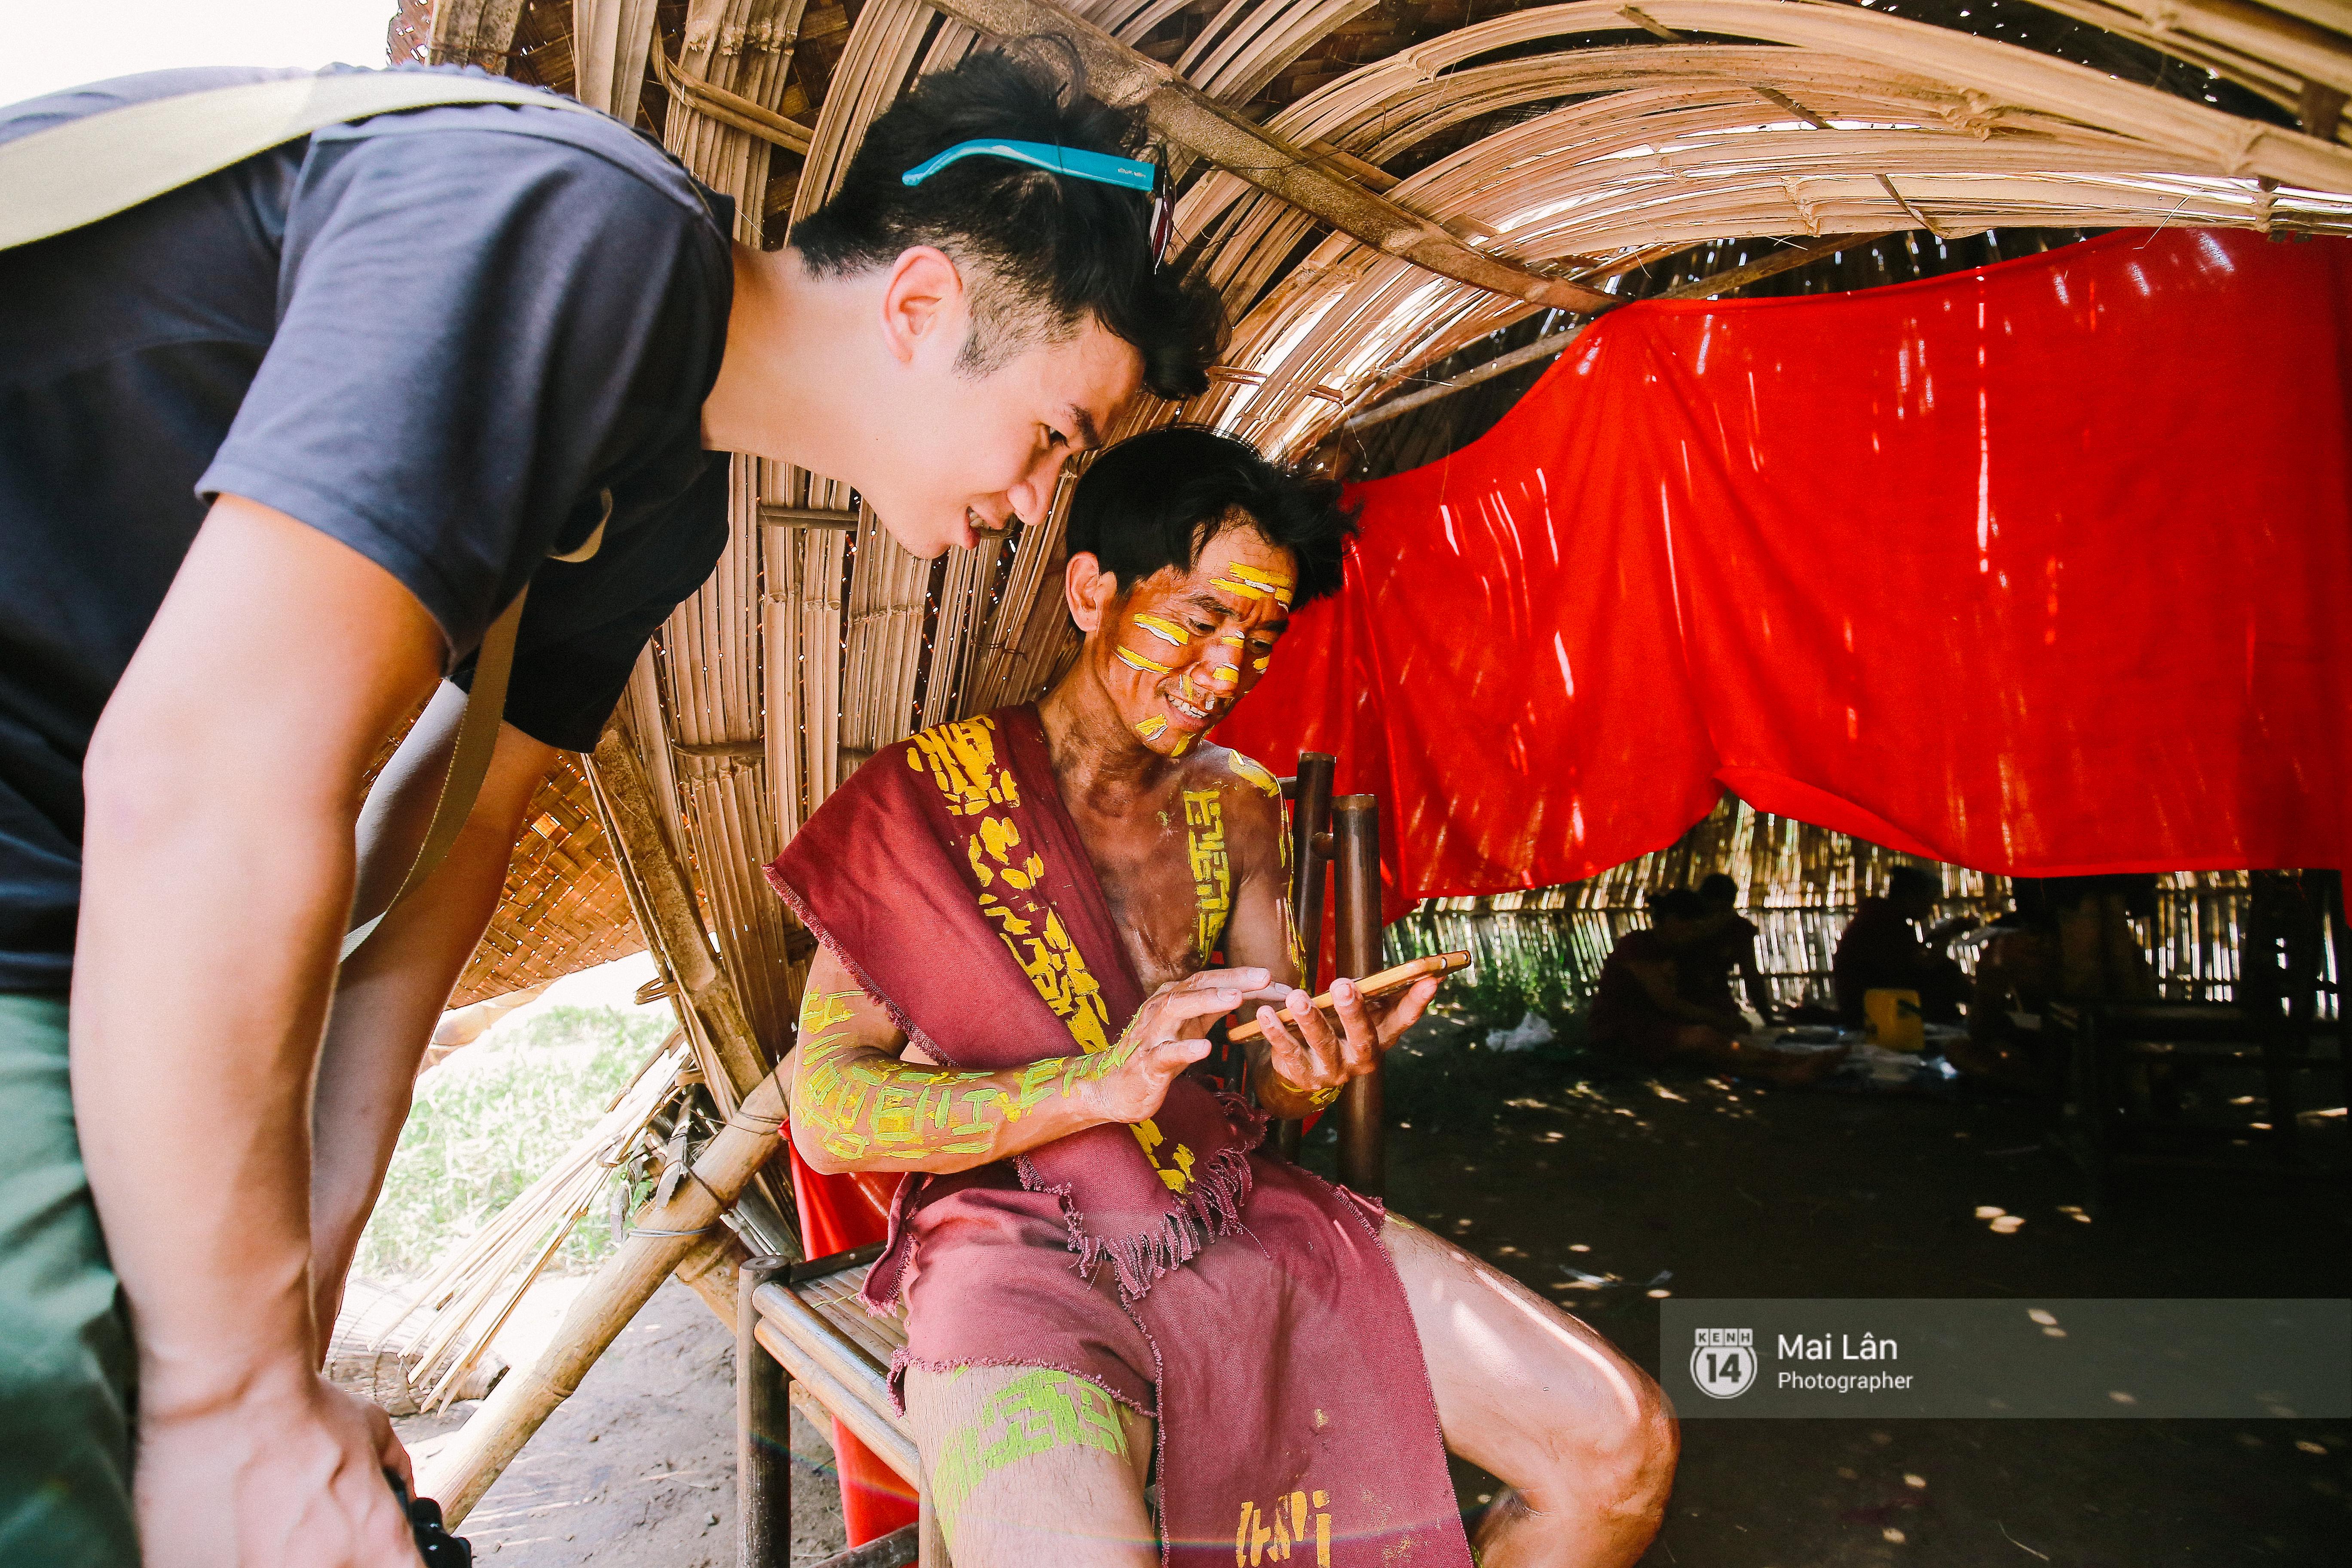 Cuối cùng cũng phục dựng xong, giờ tới Ninh Bình nhất định phải ghé làng thổ dân trong phim Kong! - Ảnh 14.